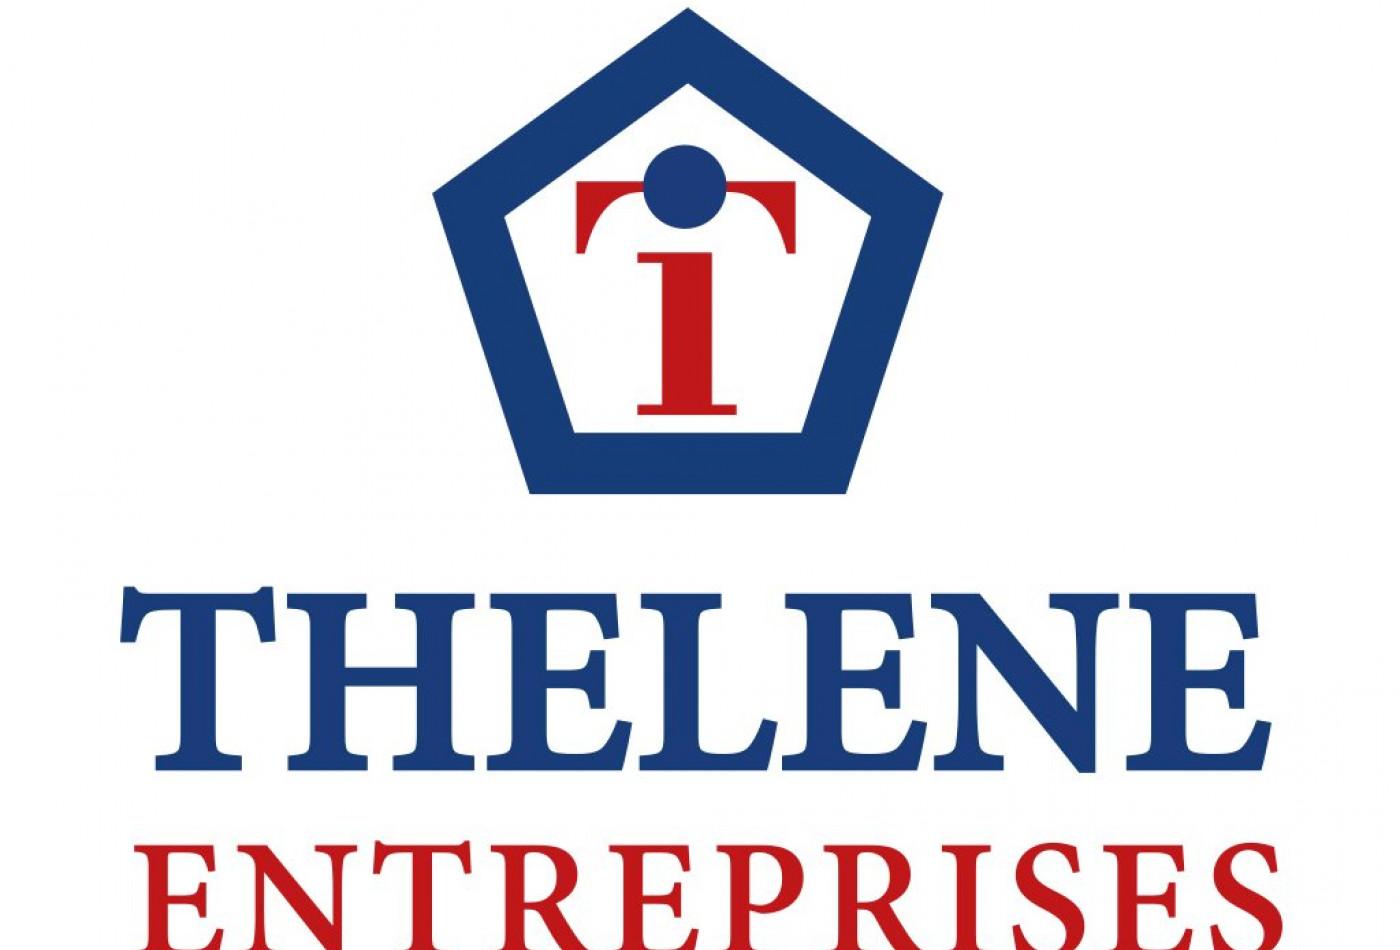 A vendre  Montpellier | Réf 3448215848 - Immobilier entreprises